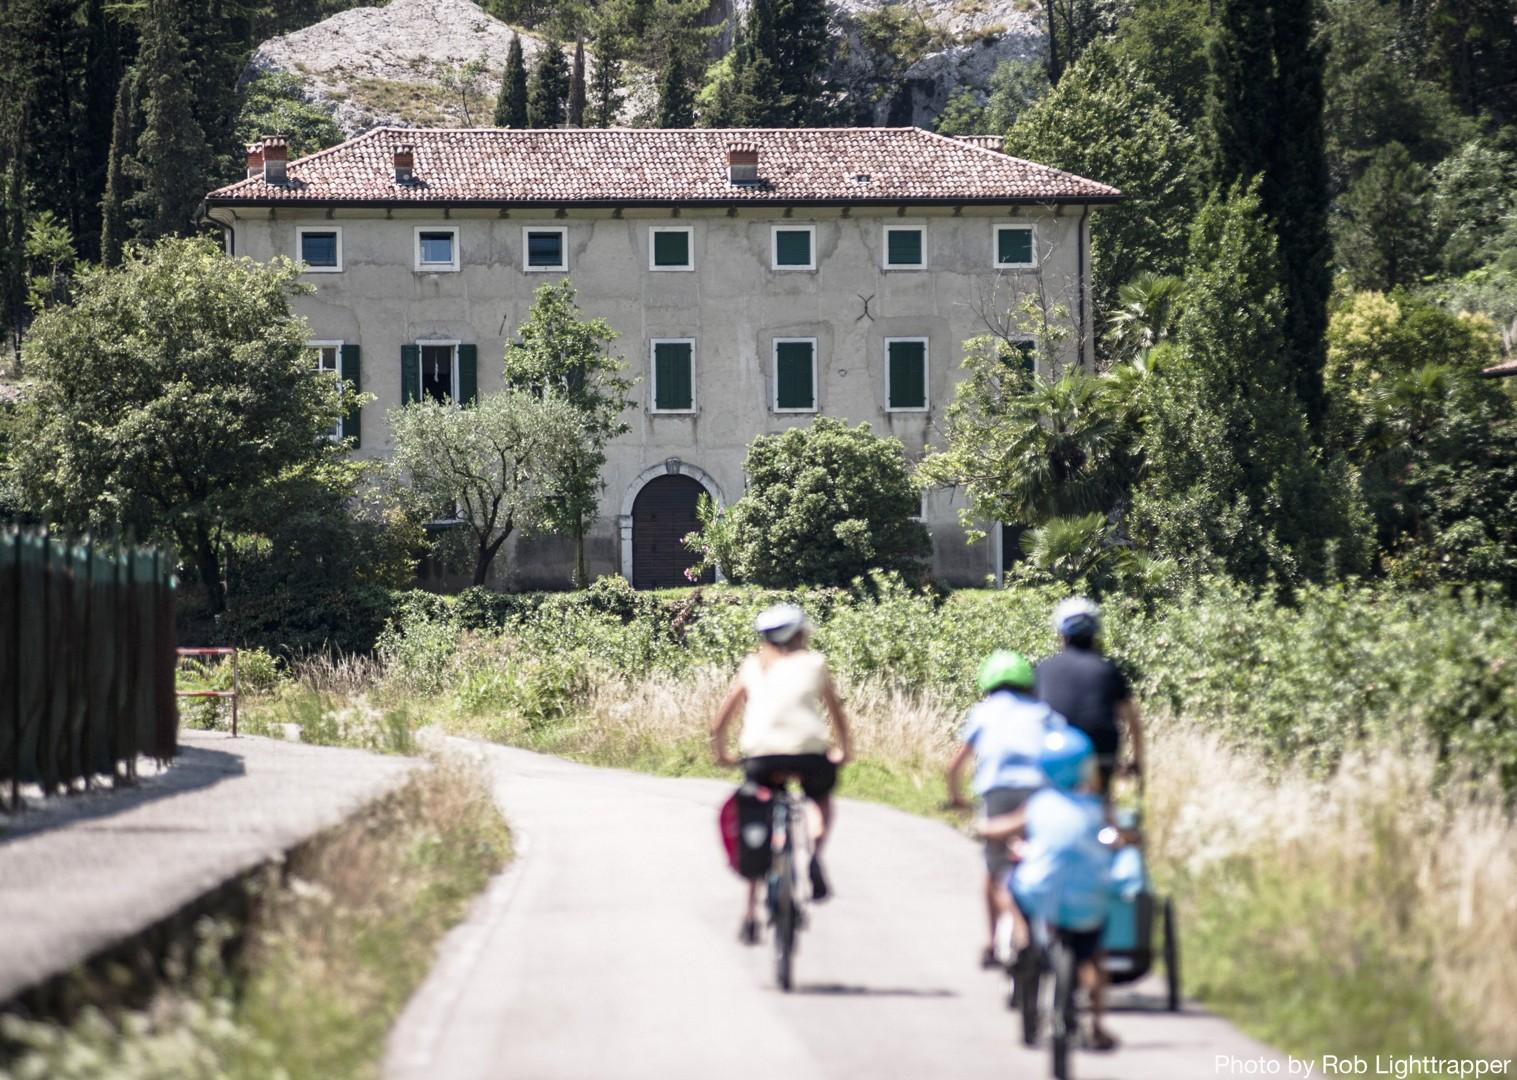 Lake-Garda-to-Venice-Italy-Family-Cycling-Holiday.jpg - Italy - Lake Garda to Venice - Self-Guided Family Cycling Holiday - Italia Leisure and Family Cycling